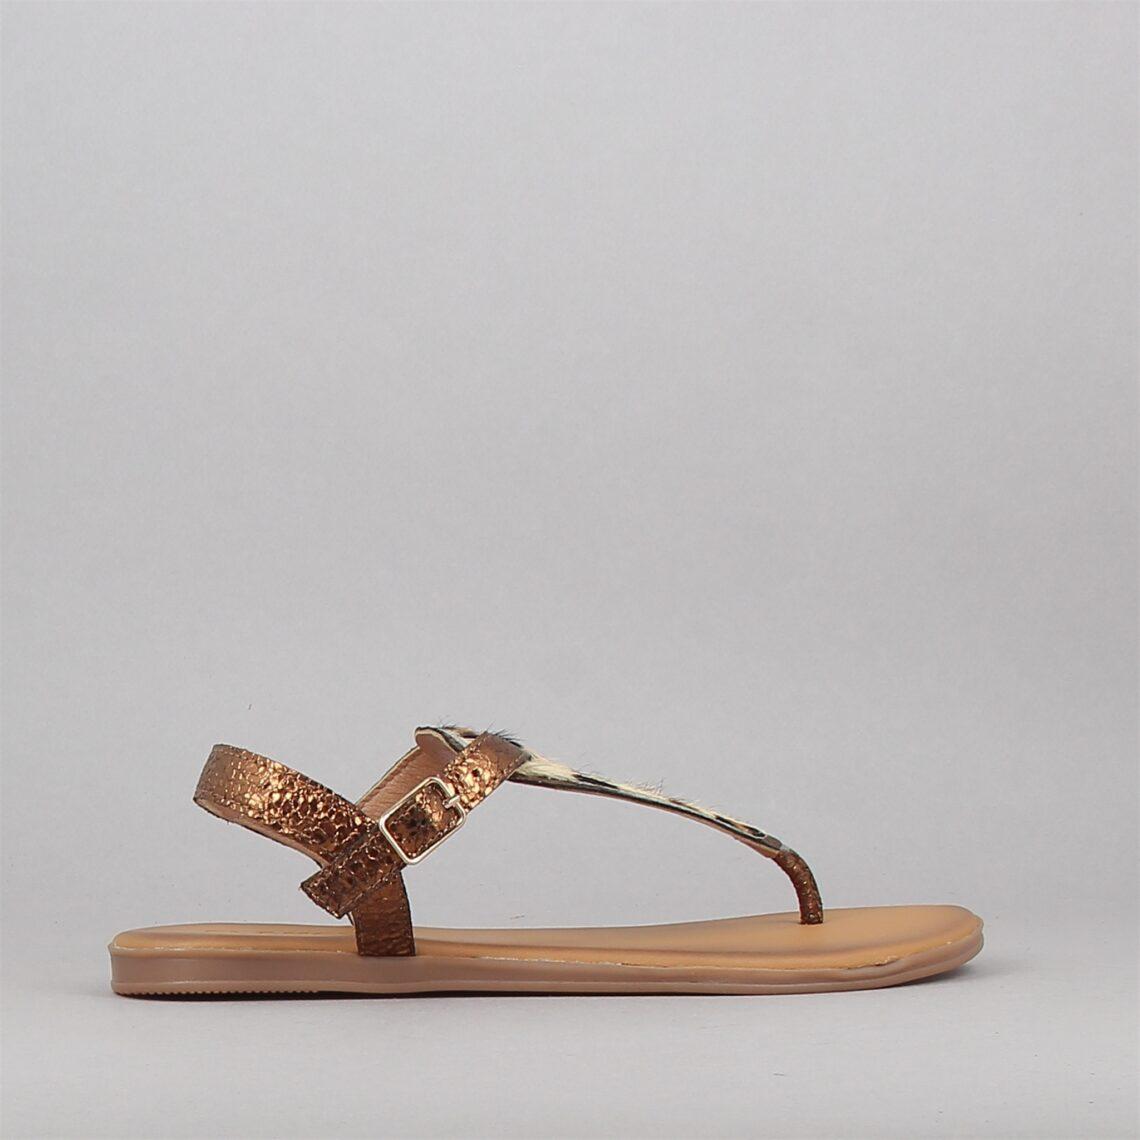 301029-bronze-169885698-0.jpg